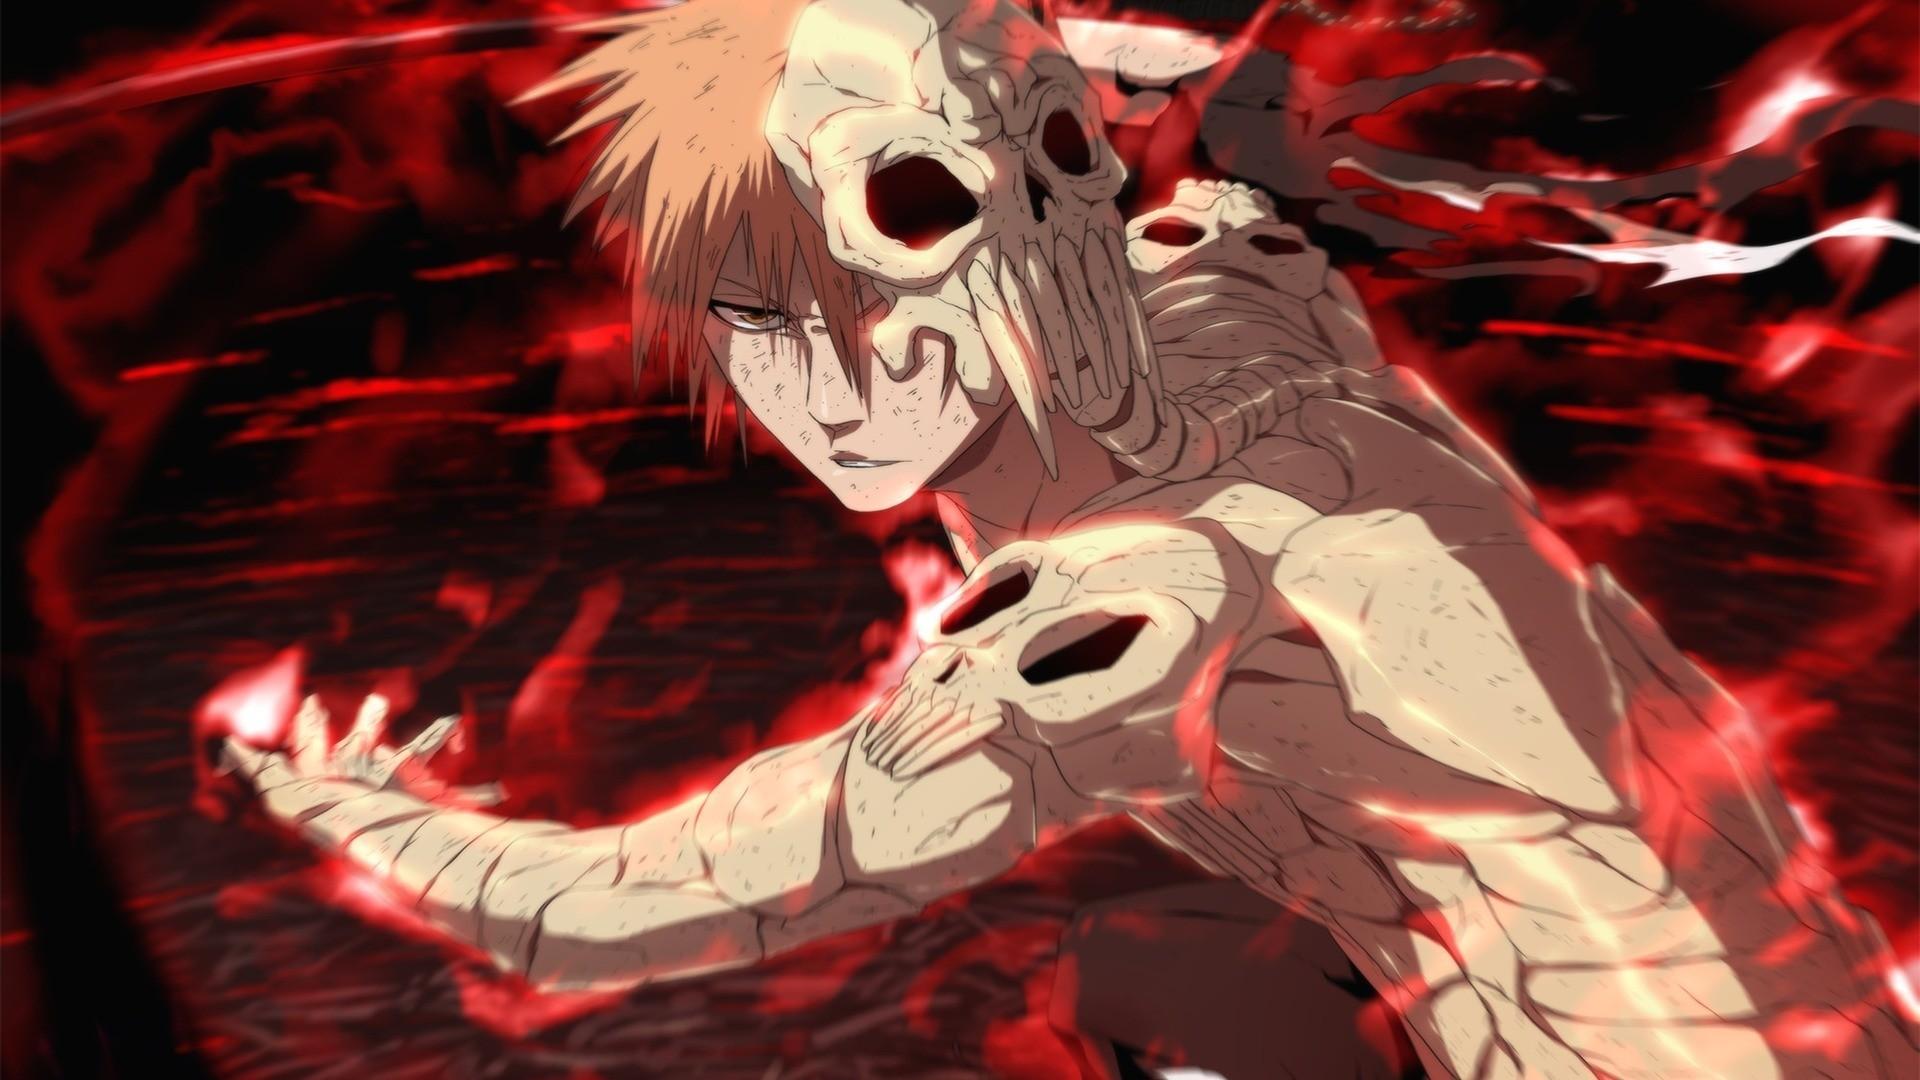 Skull Anime Boys Kurosaki Ichigo Hell Bleach